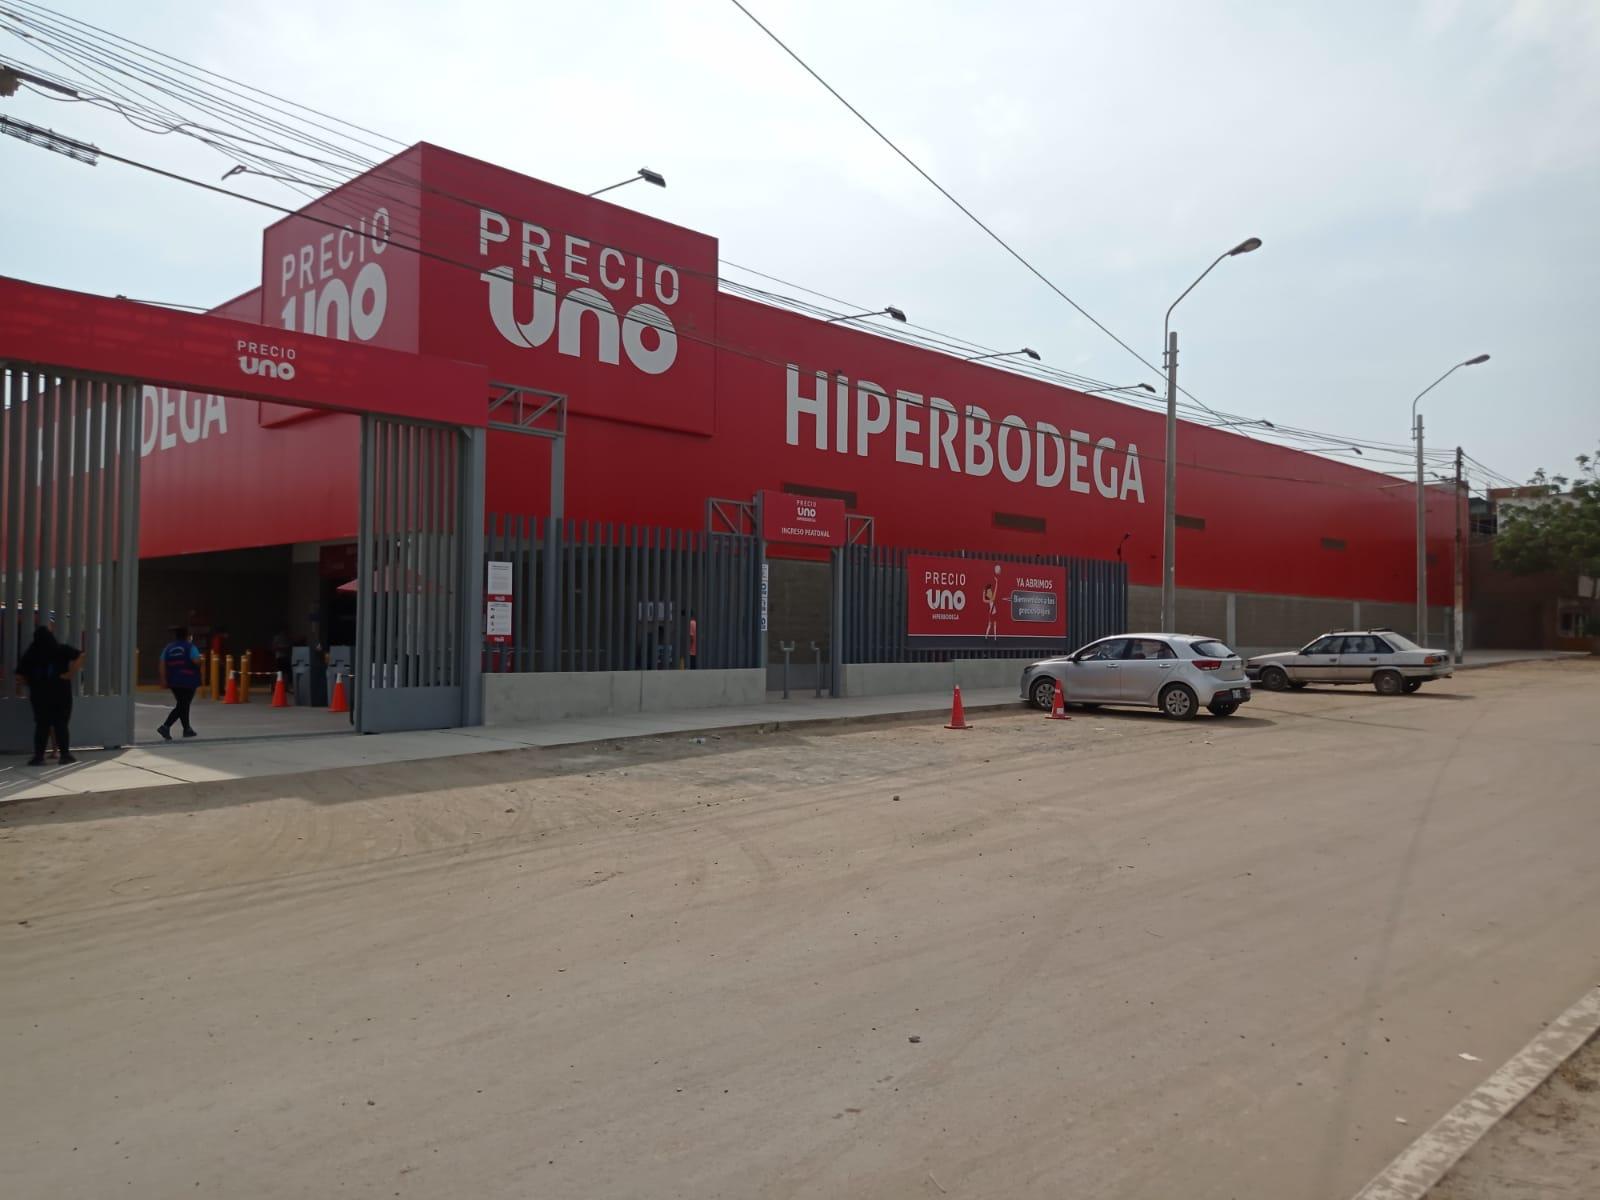 Hiperbodega Precio Uno inauguró nueva tienda en Puente Piedra y próximamente abrirá en La Merced